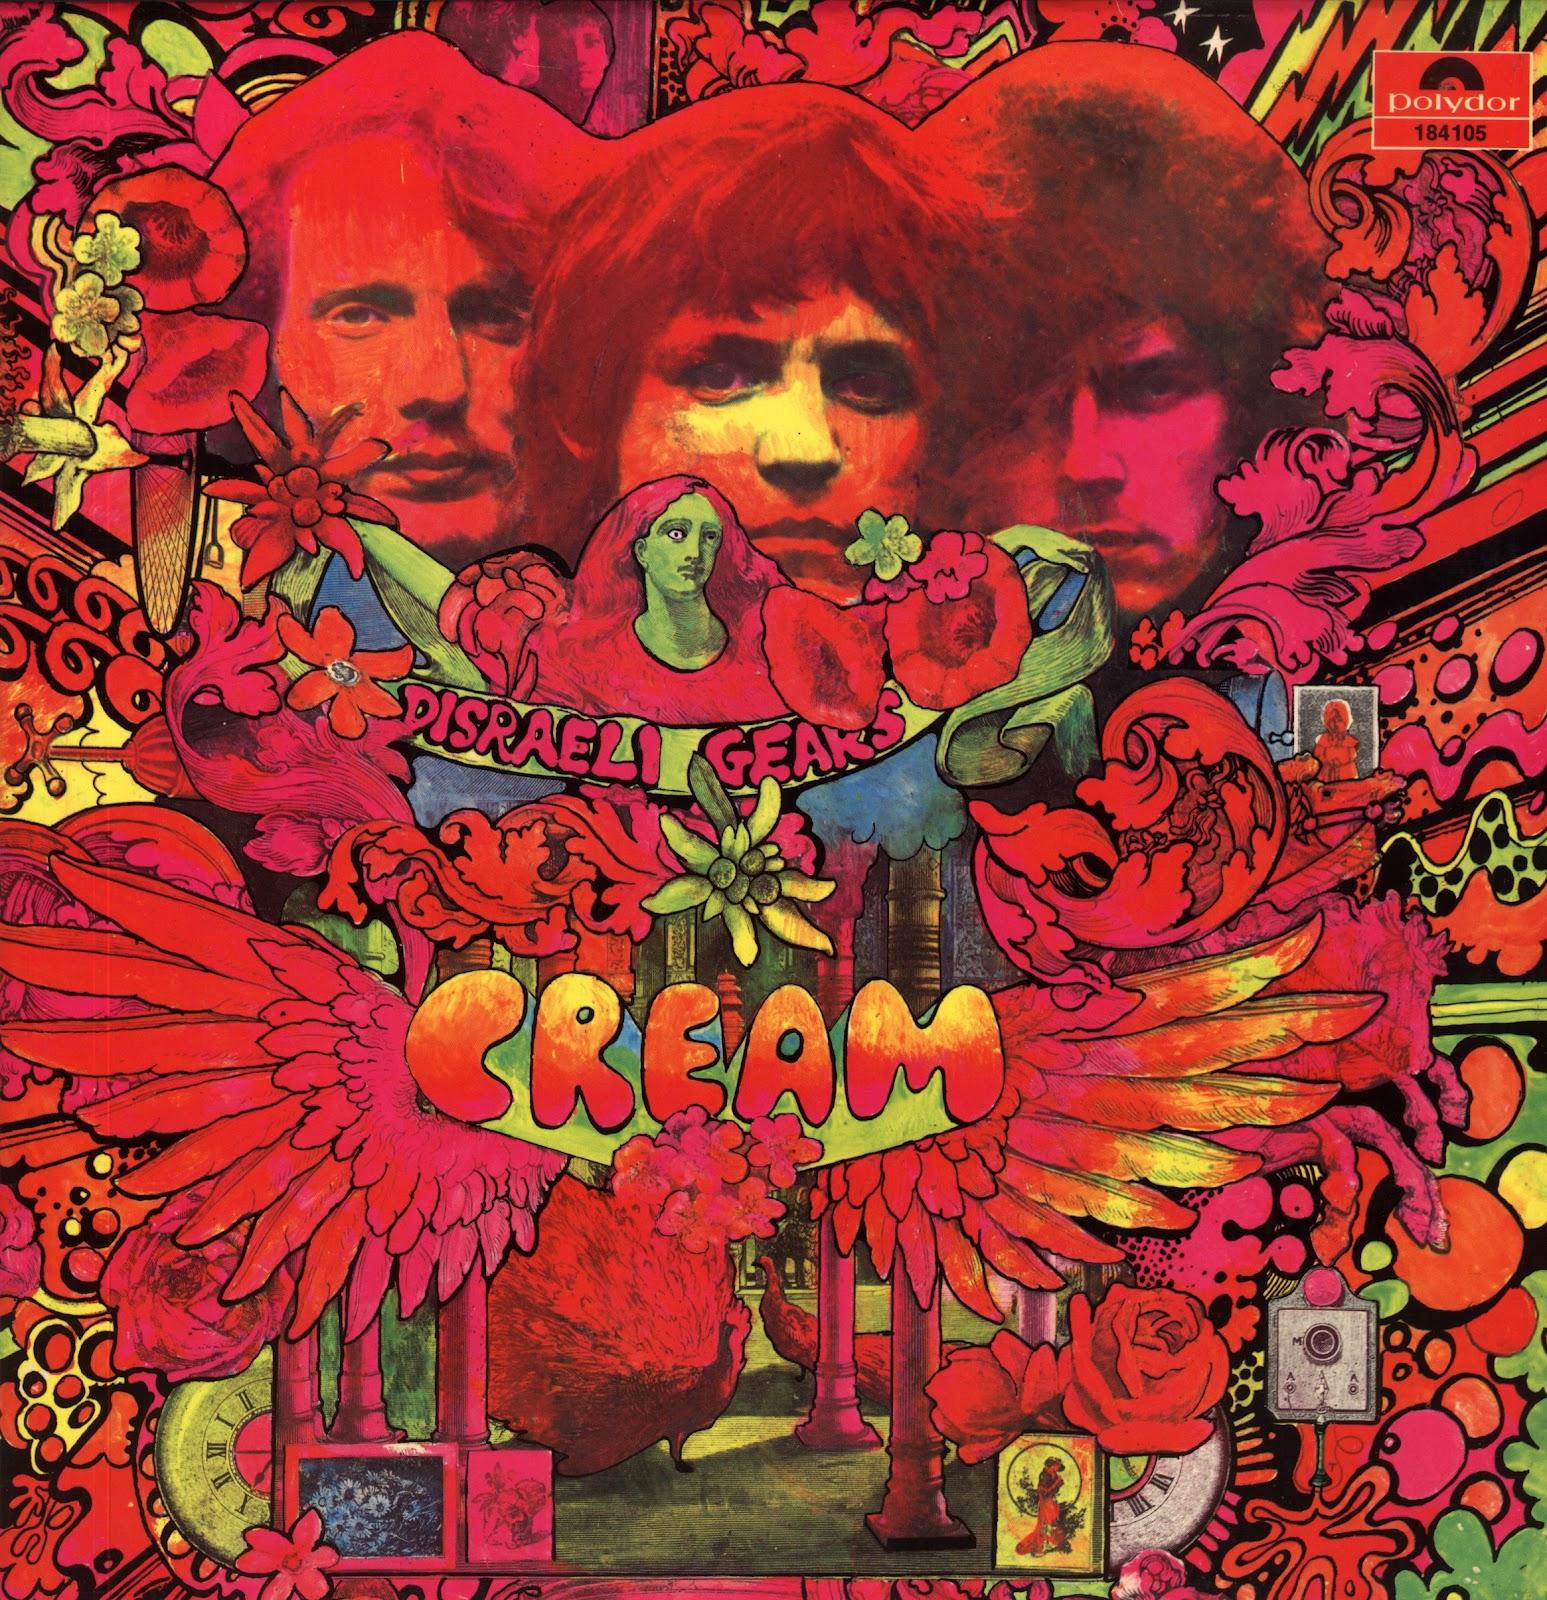 Cream1967